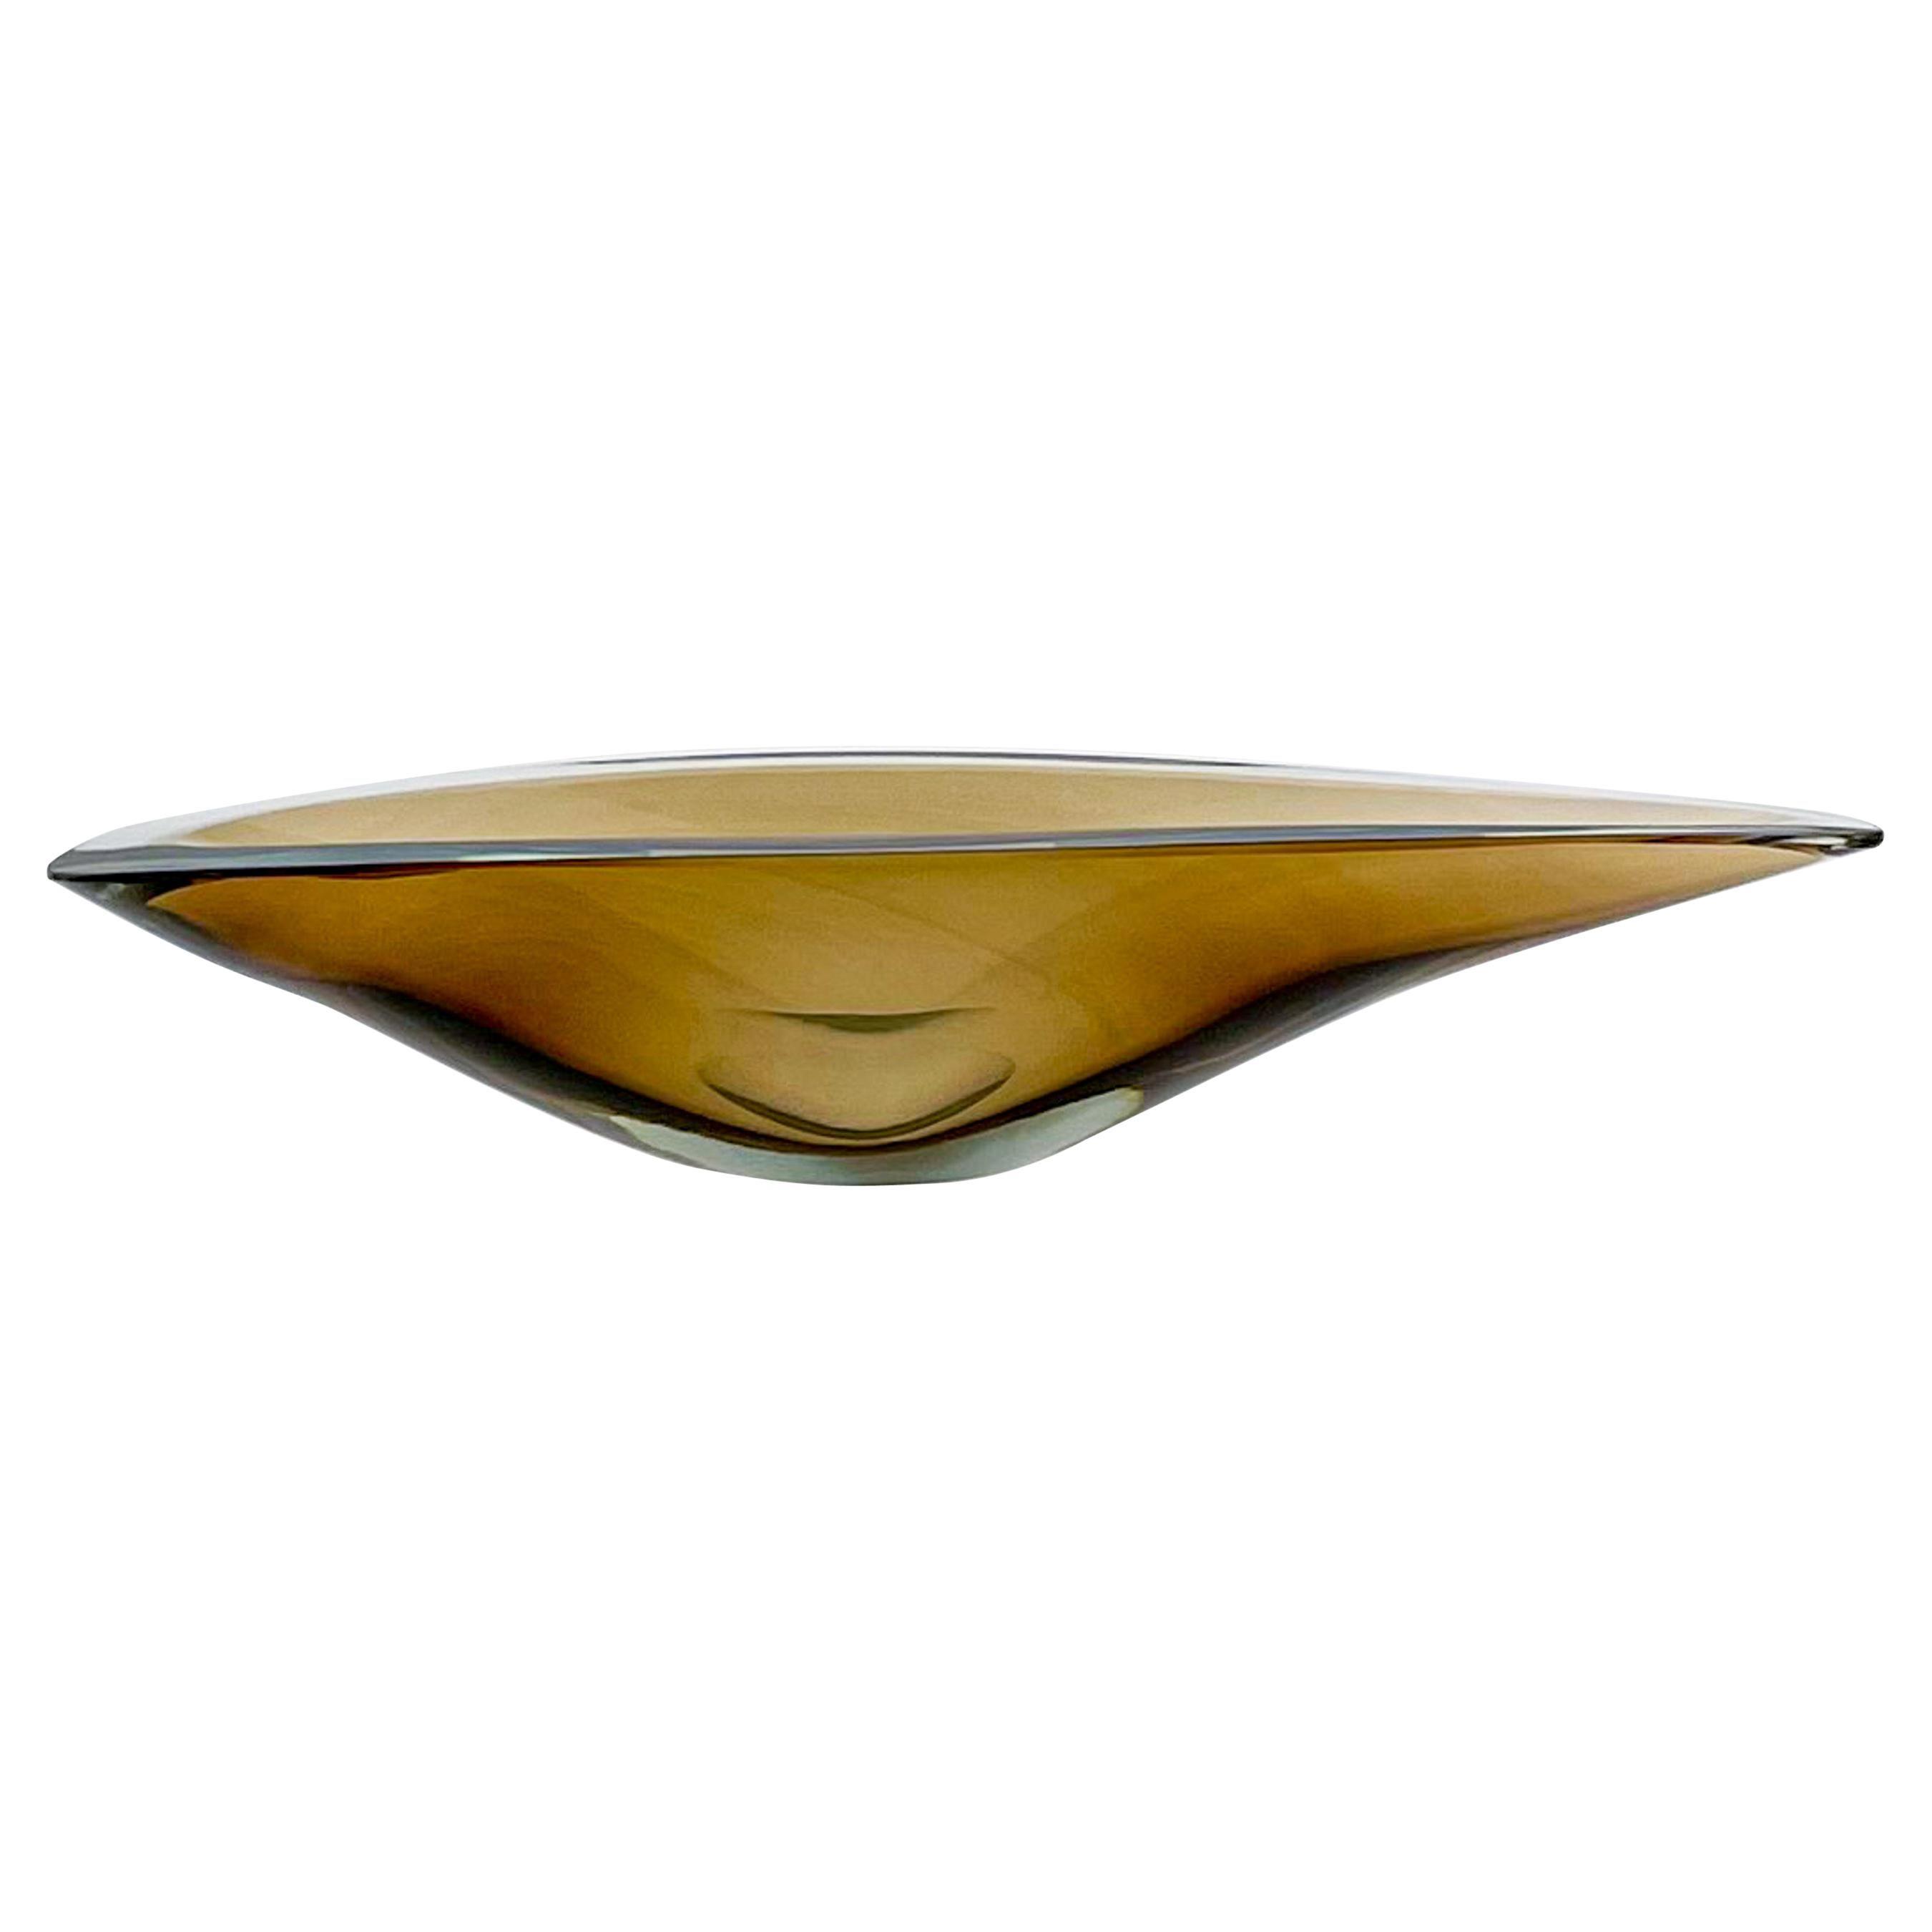 Kaj Franck, Glass Art-Object, Model KF 210, Nuutajärvi-Notsjö, Finland, ca. 1960